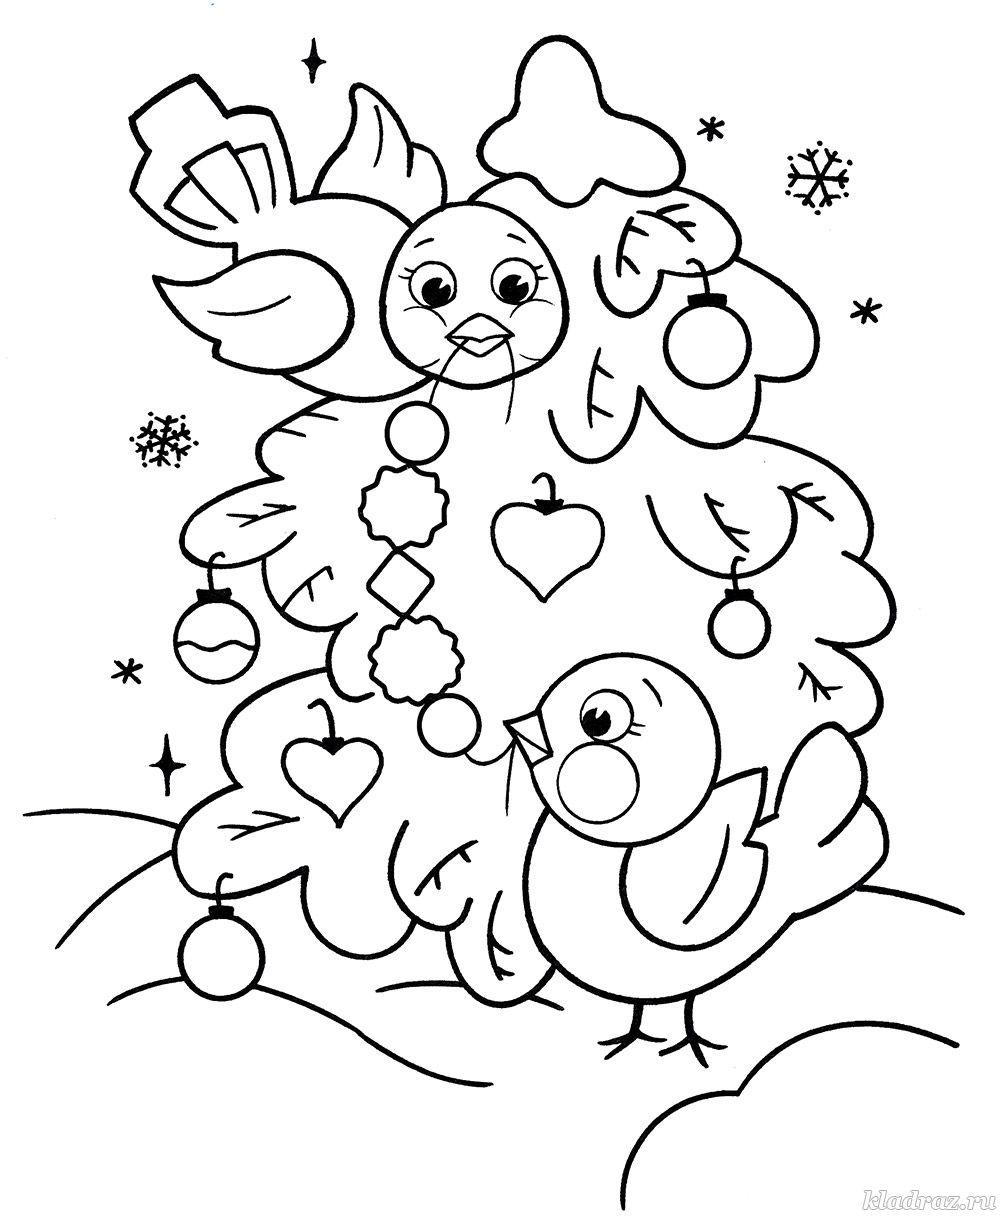 Раскраски к Новому году для детей 5-7 лет. Распечатать ...